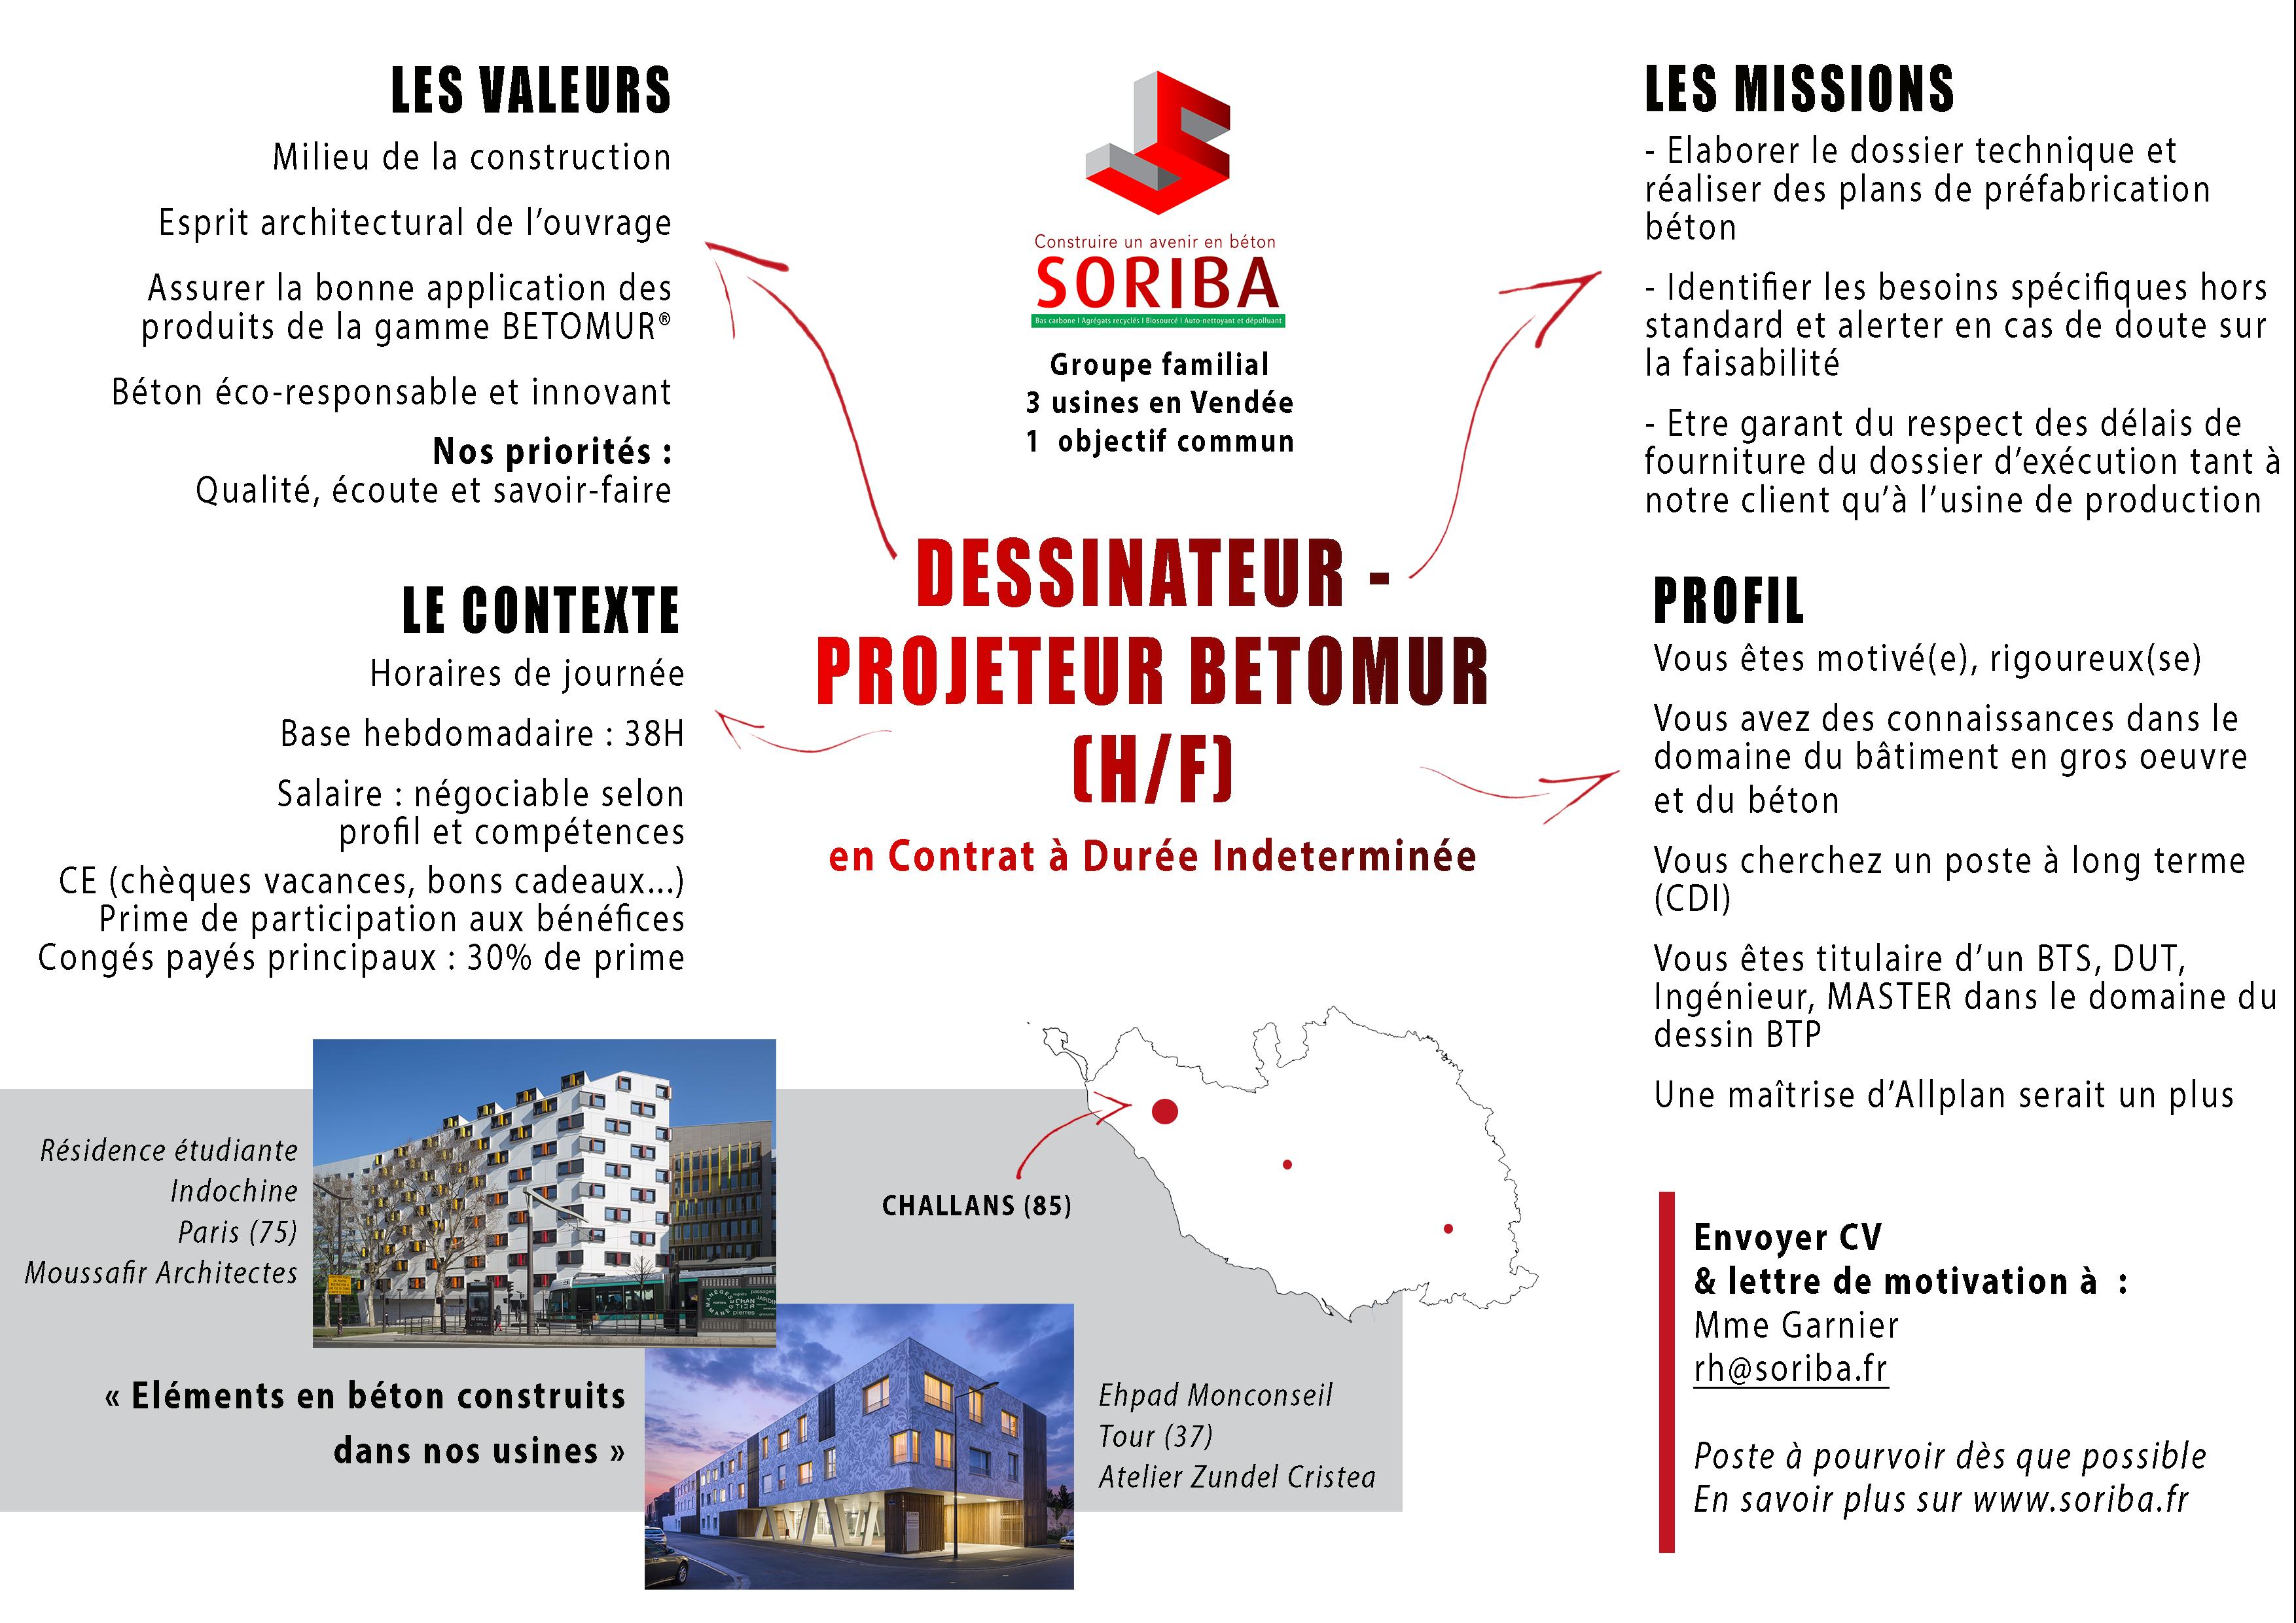 Offre Soriba - Dessinateur - Projeteur BETOMUR